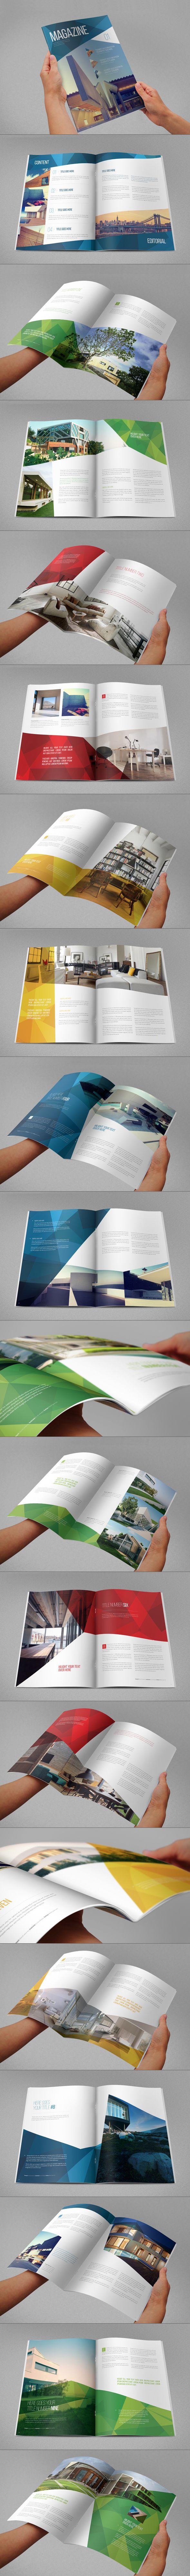 Diseño editorial arquitectónico